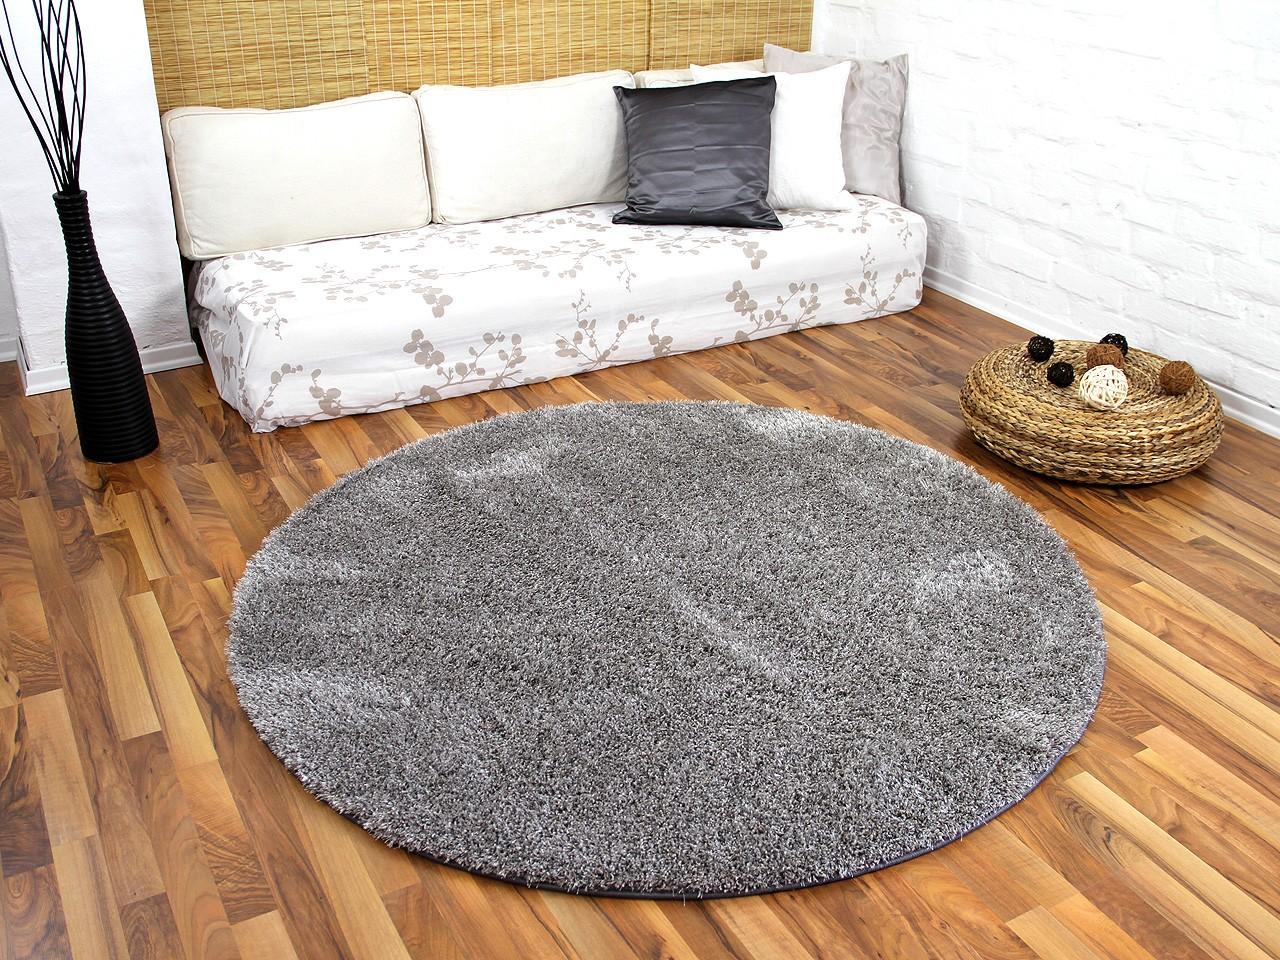 ... Rund in 7 Größen Teppiche Hochflor Langflor Teppiche Schwarz, Grau